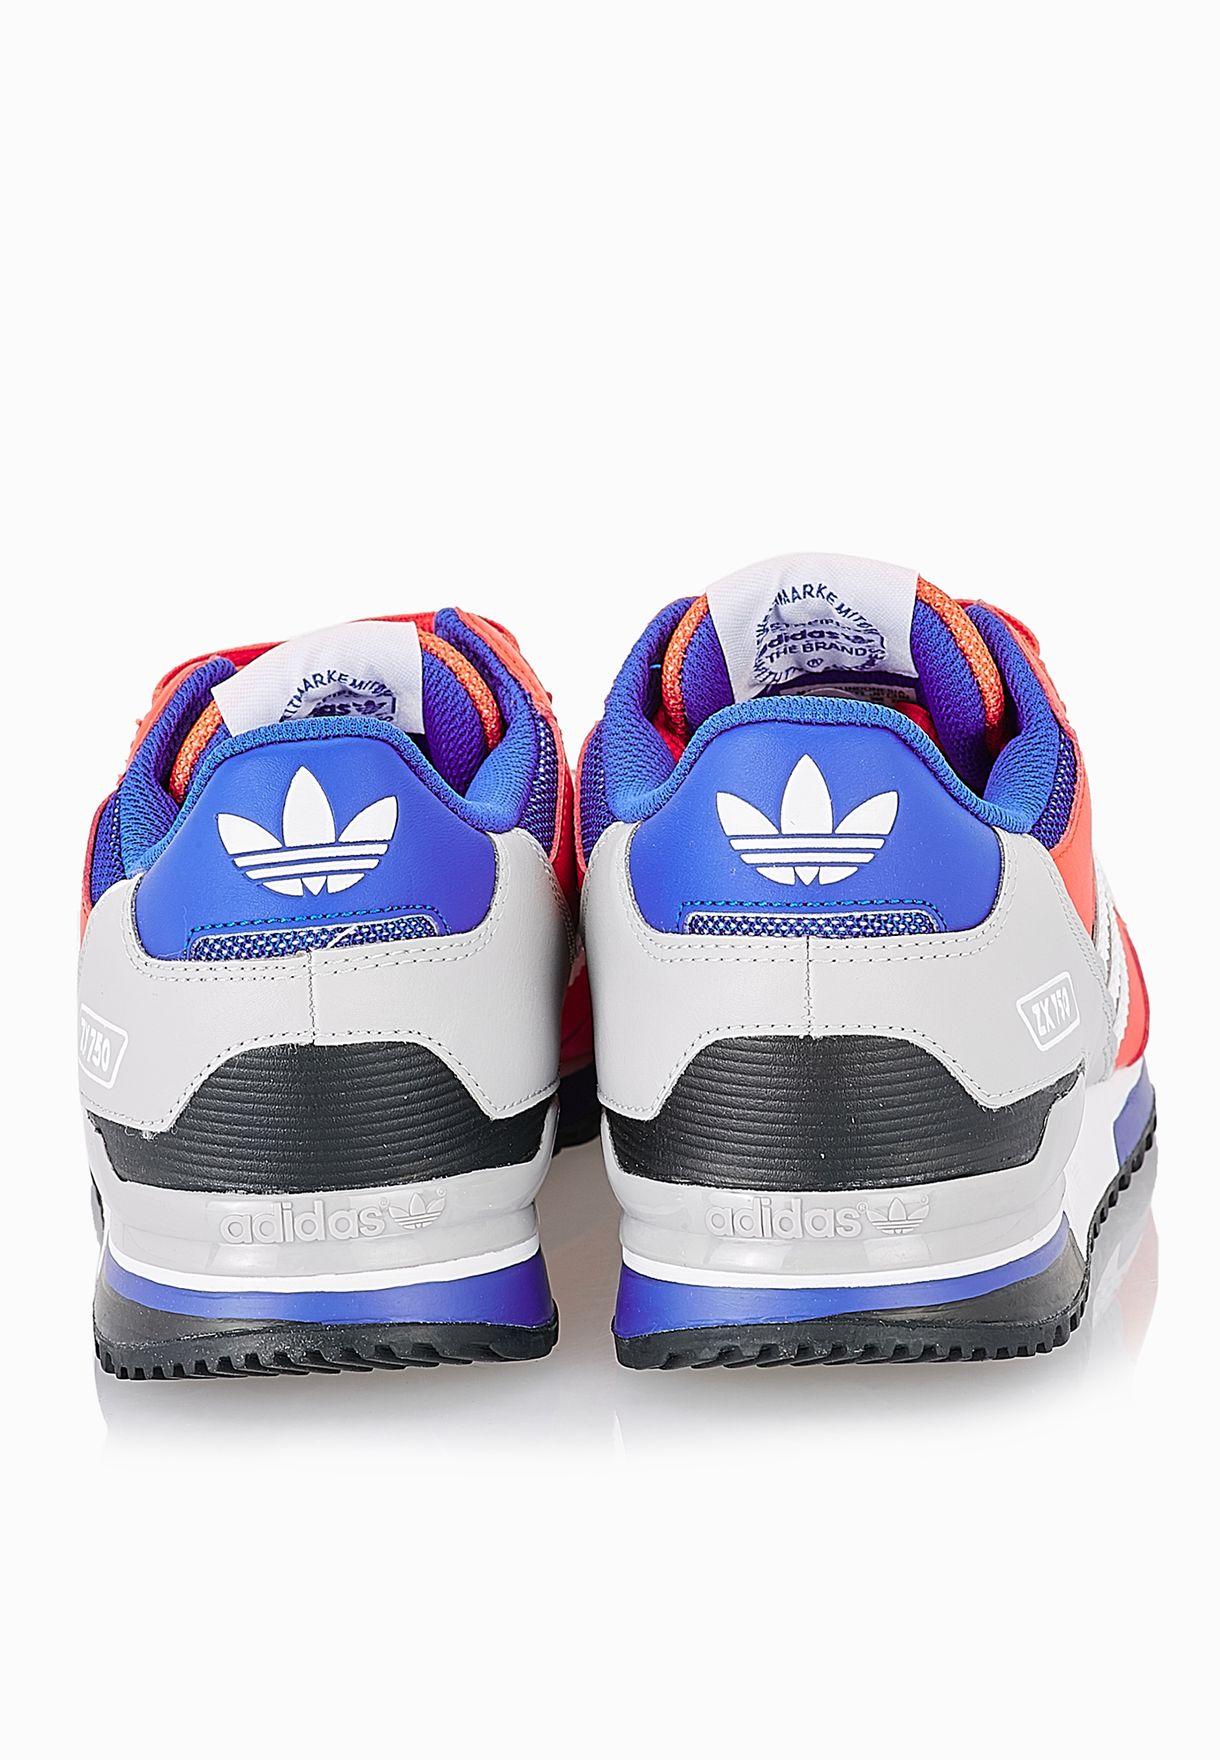 01ba3e4c8b382 ... switzerland shop adidas originals multicolor zx 750 s79193 for men in  uae 3c121 9ec35